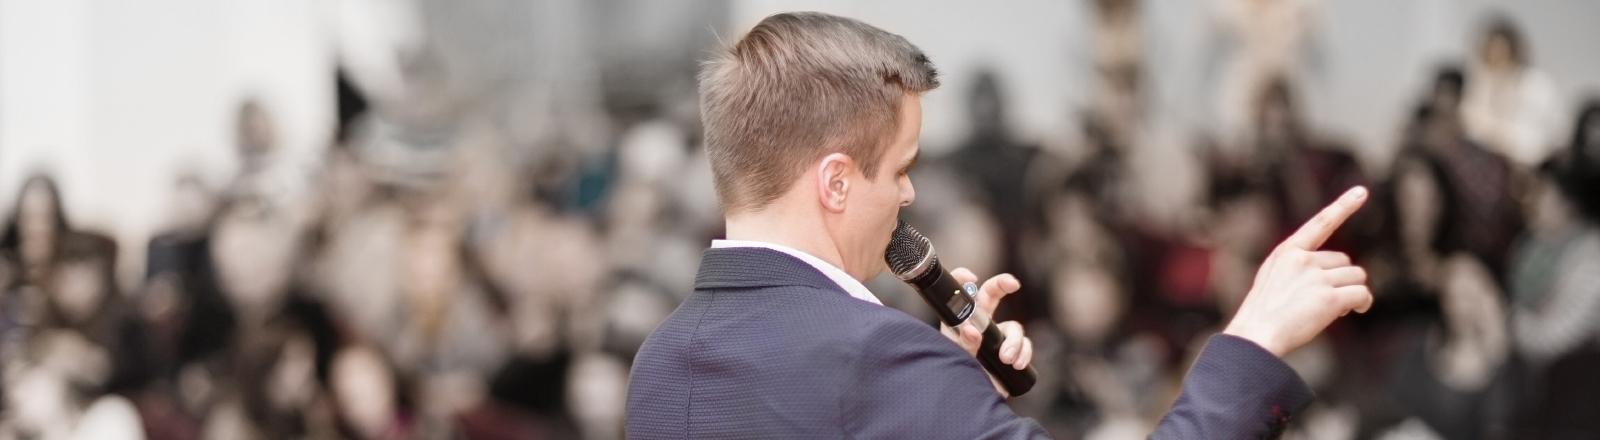 Ein Mann spricht ins Mikro vor eine großen Menschenmenge